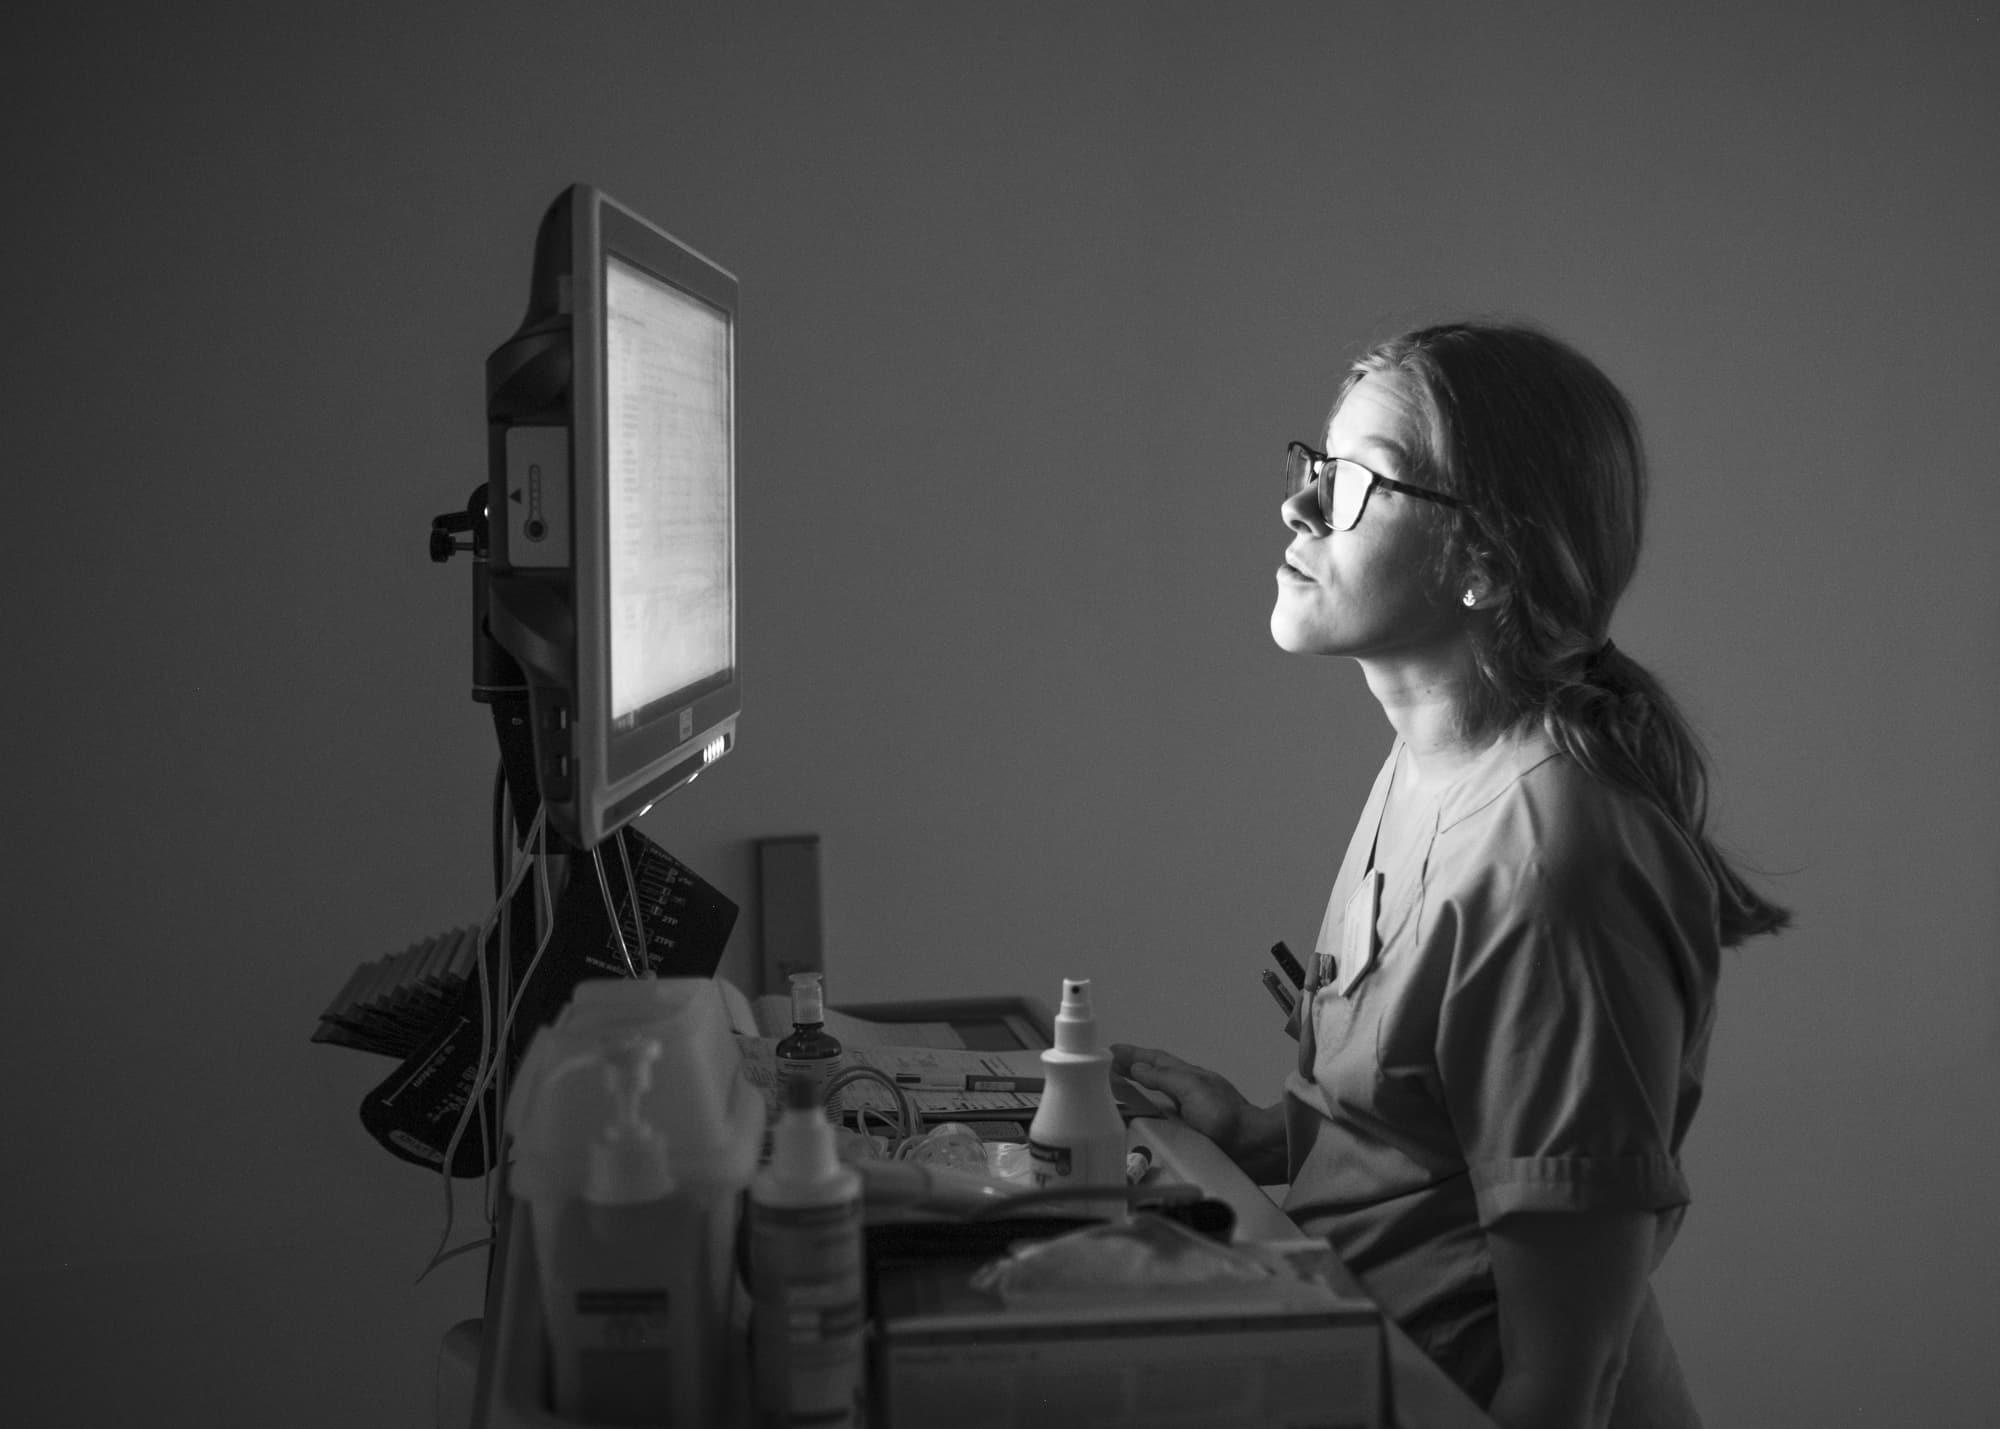 Nicht muede werden —  Environmental portrait of a nurse working on a computer at night